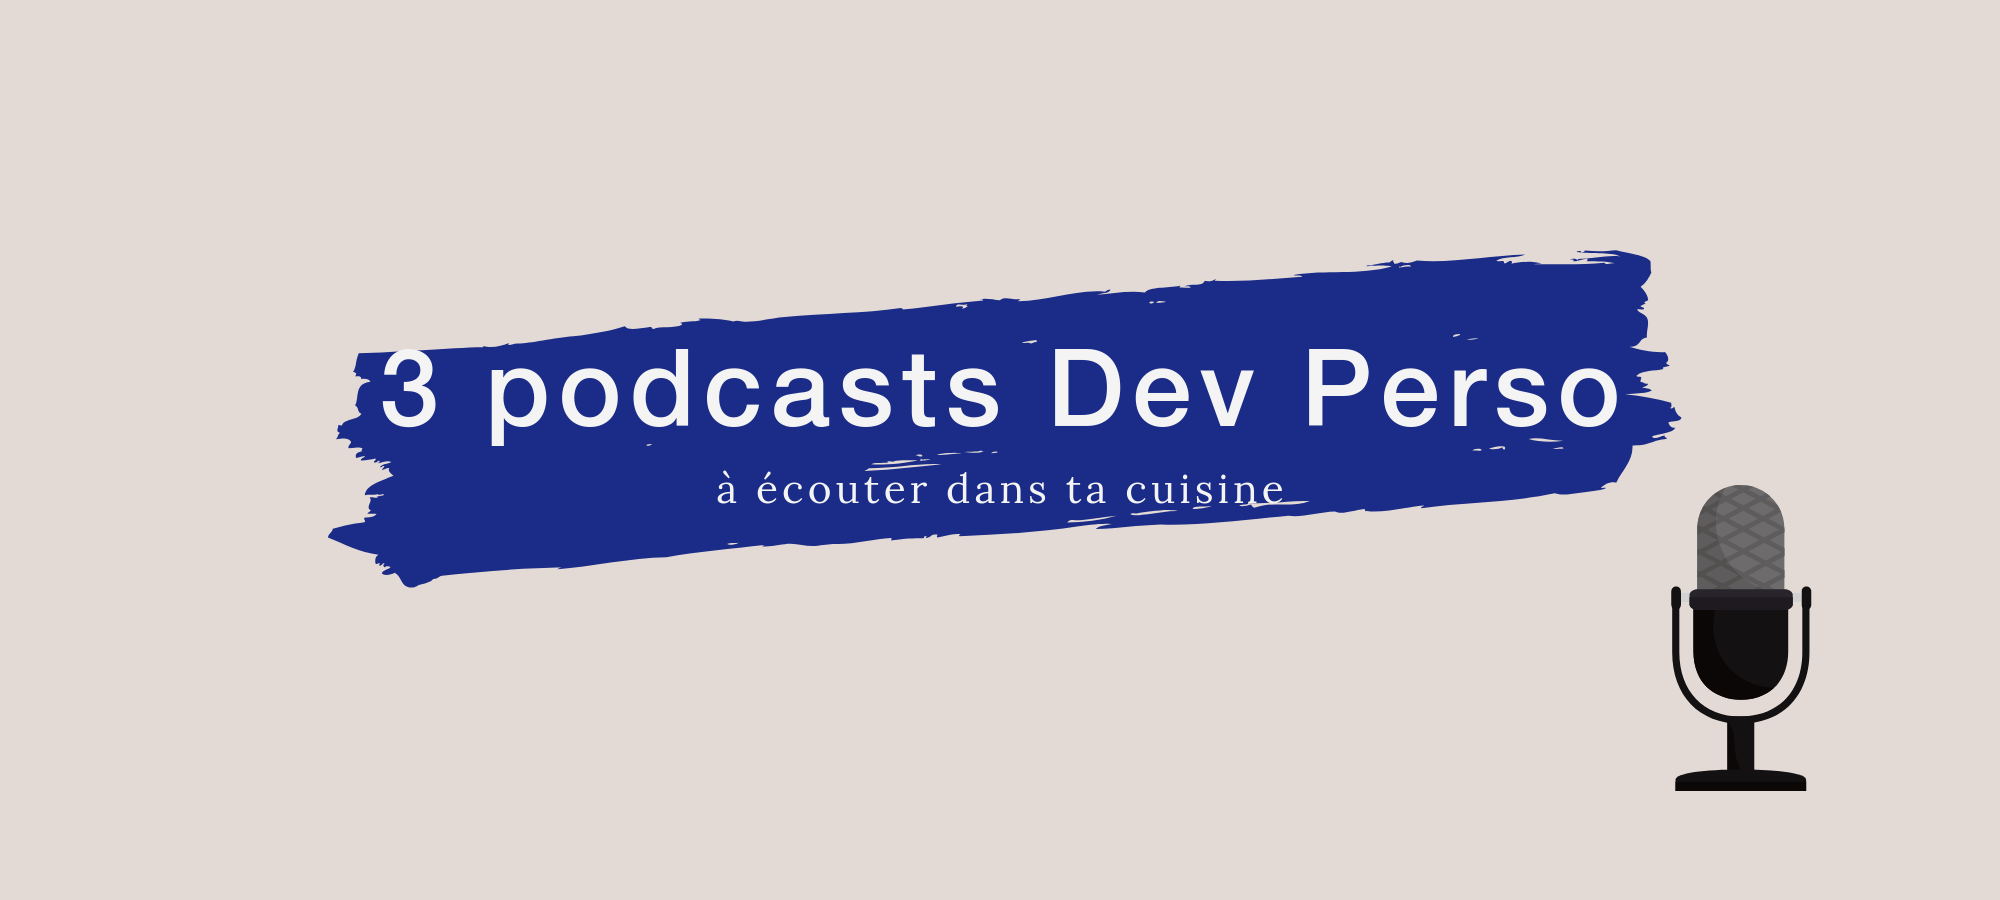 3 podcasts développement personnel